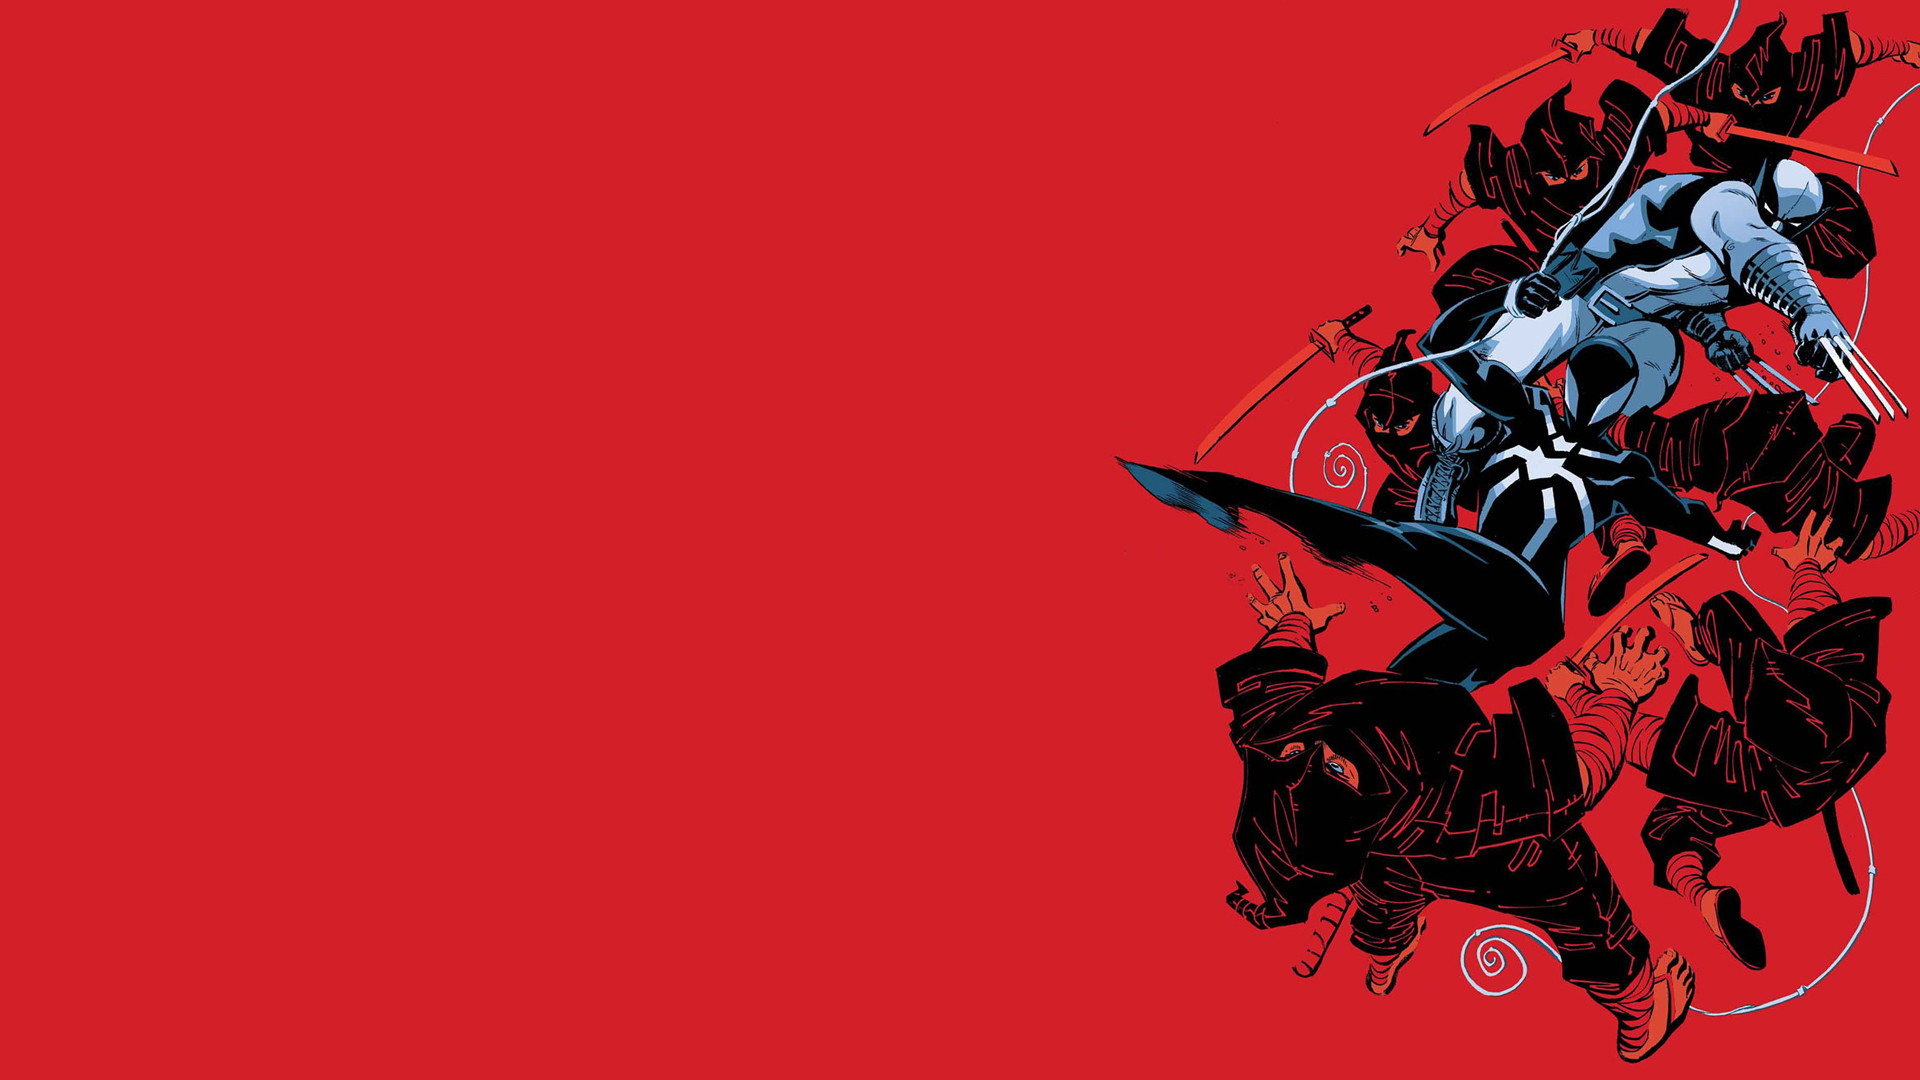 Res: 1920x1080, Comics X Men Wolverine Wallpaper.